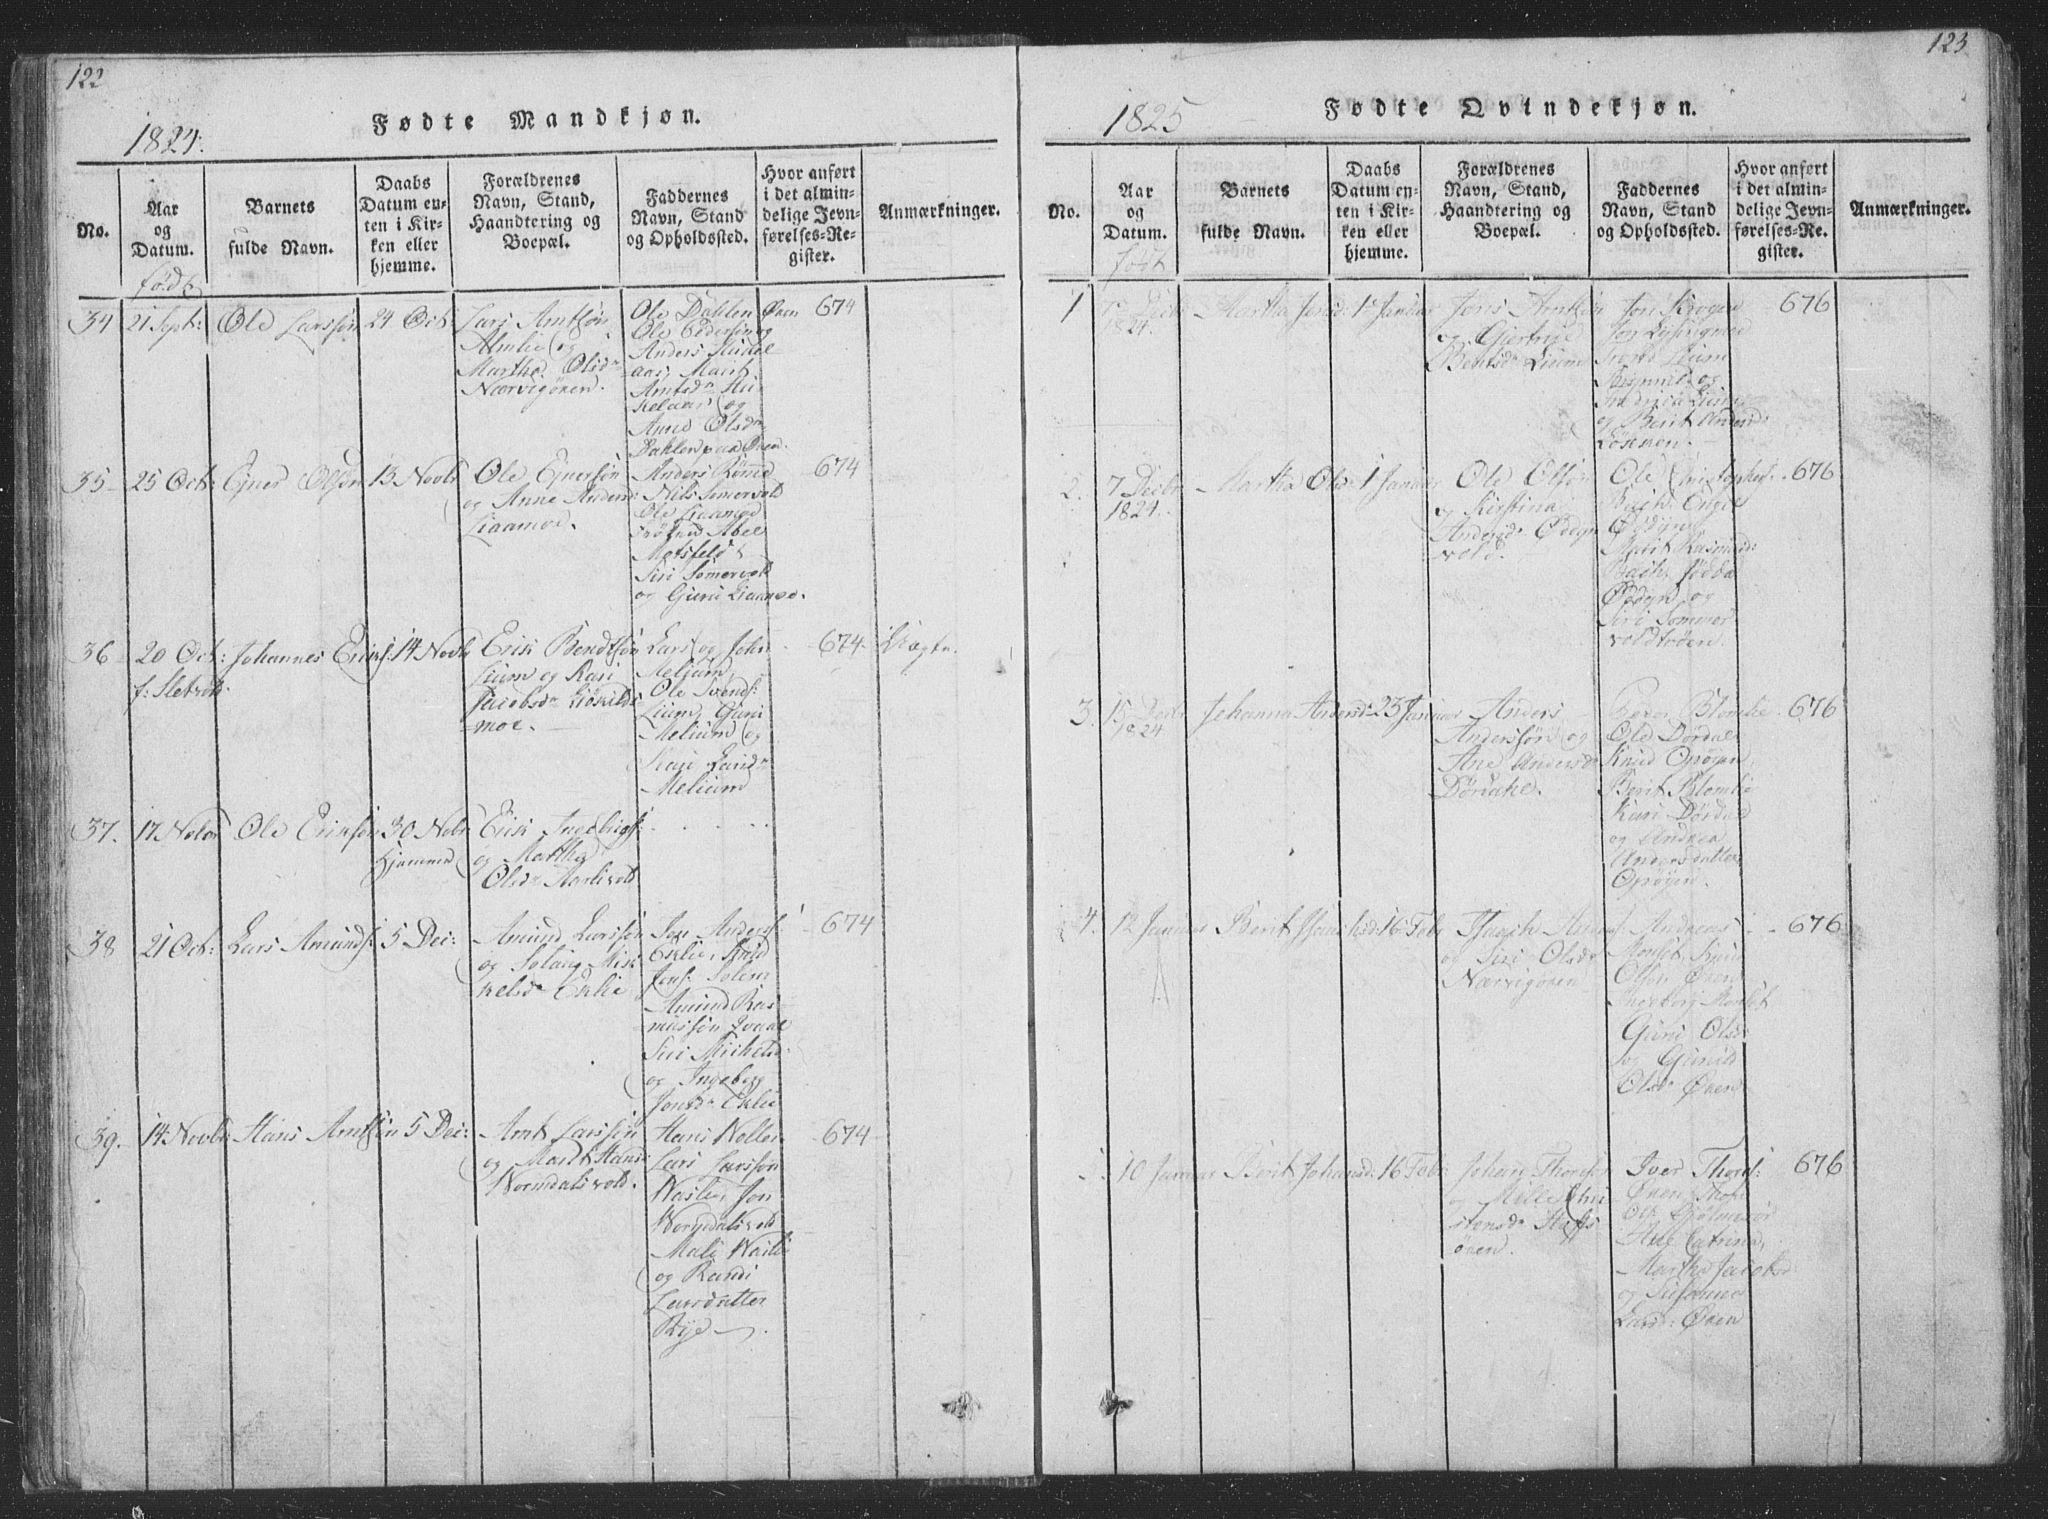 SAT, Ministerialprotokoller, klokkerbøker og fødselsregistre - Sør-Trøndelag, 668/L0816: Klokkerbok nr. 668C05, 1816-1893, s. 122-123